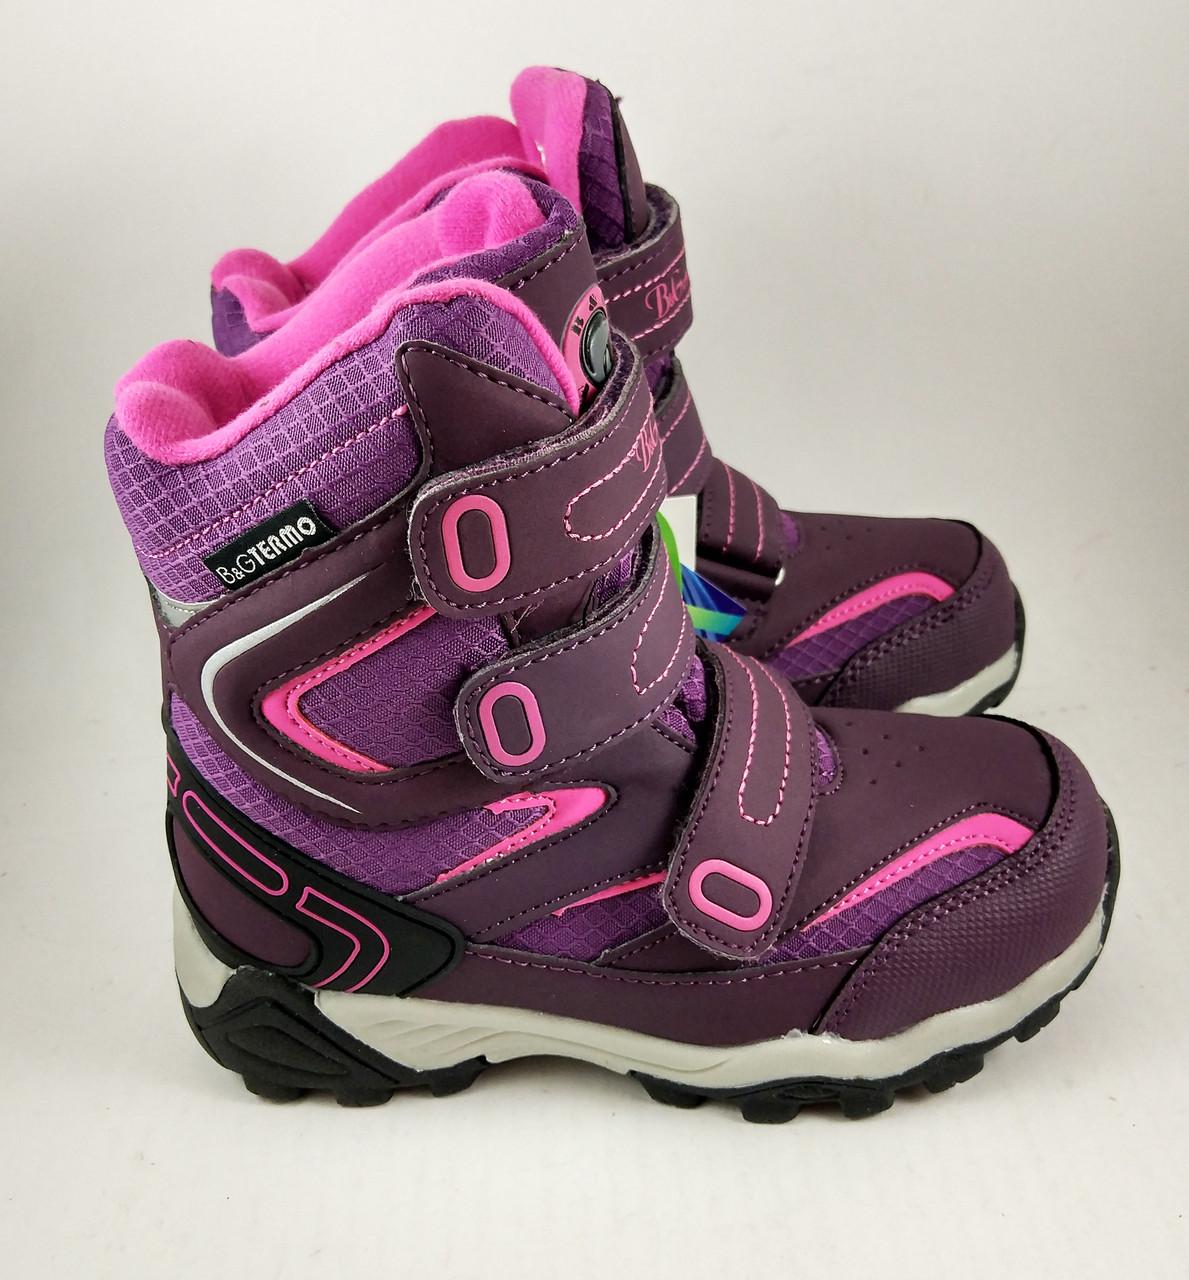 Термоботинки B&G-Termo для девочек, зимняя обувь детская, фиолтовые